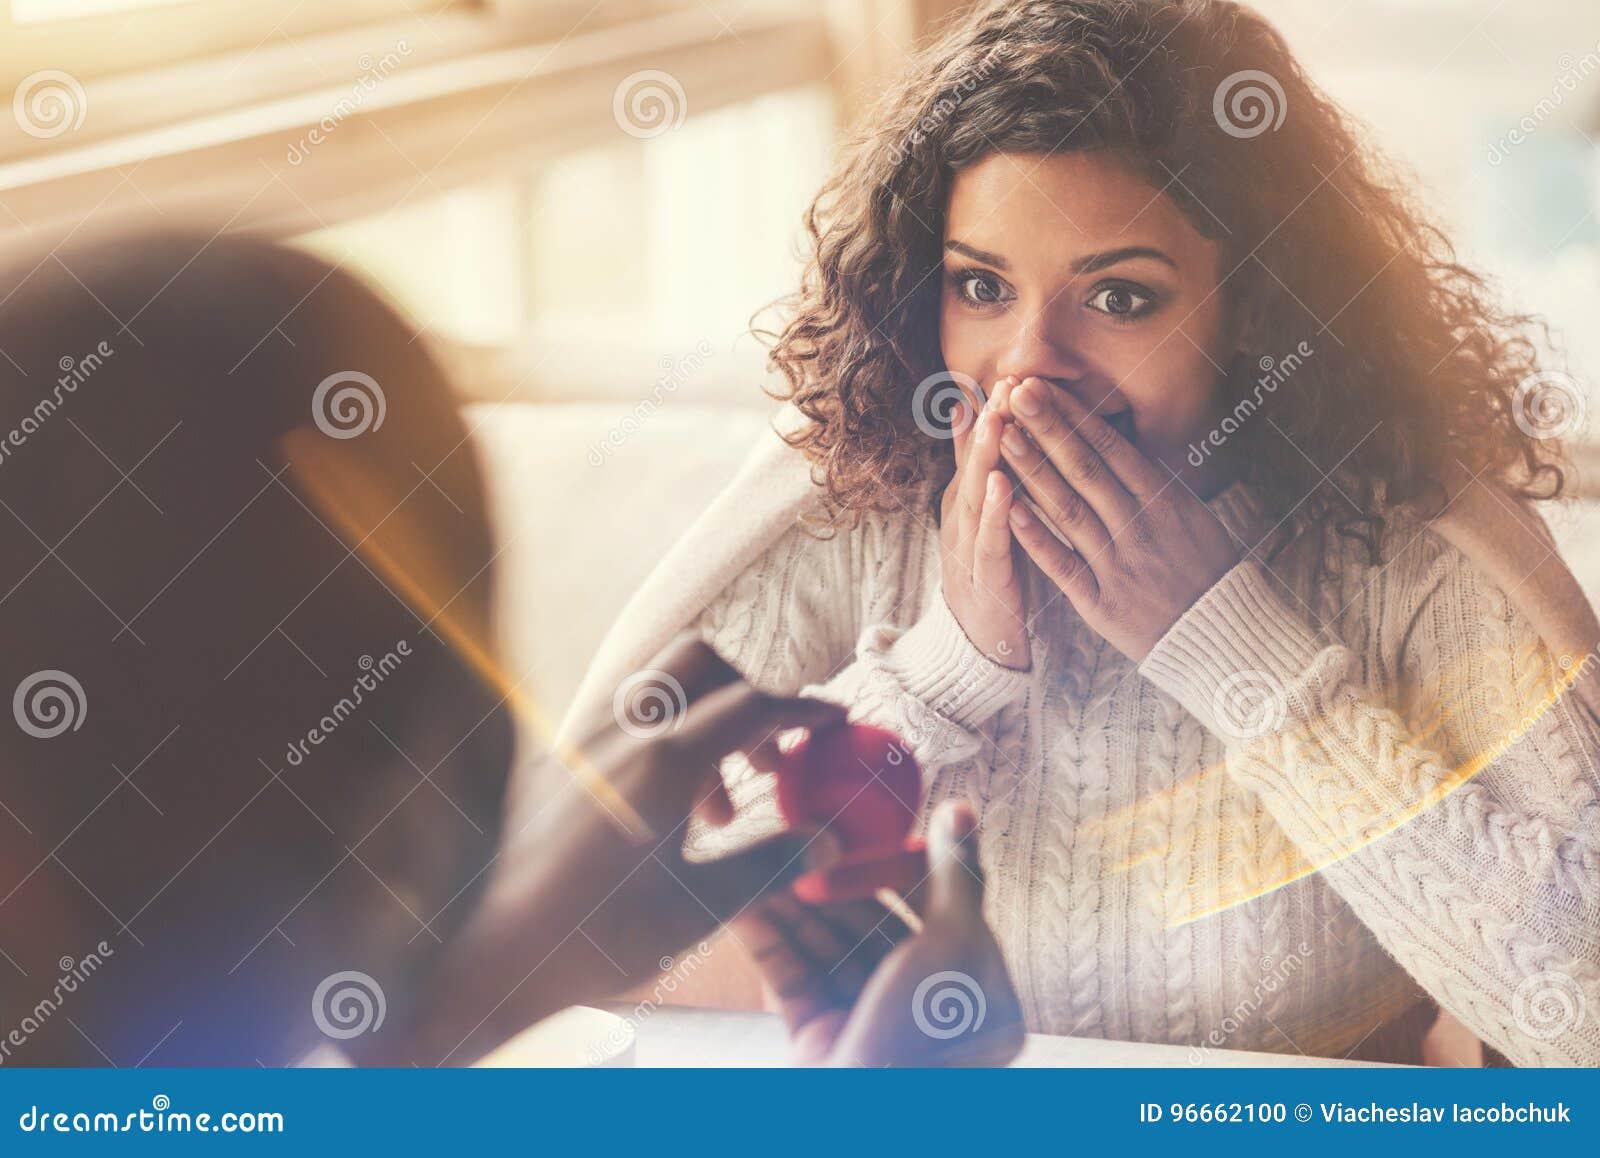 Услаженная счастливая женщина смотря обручальное кольцо